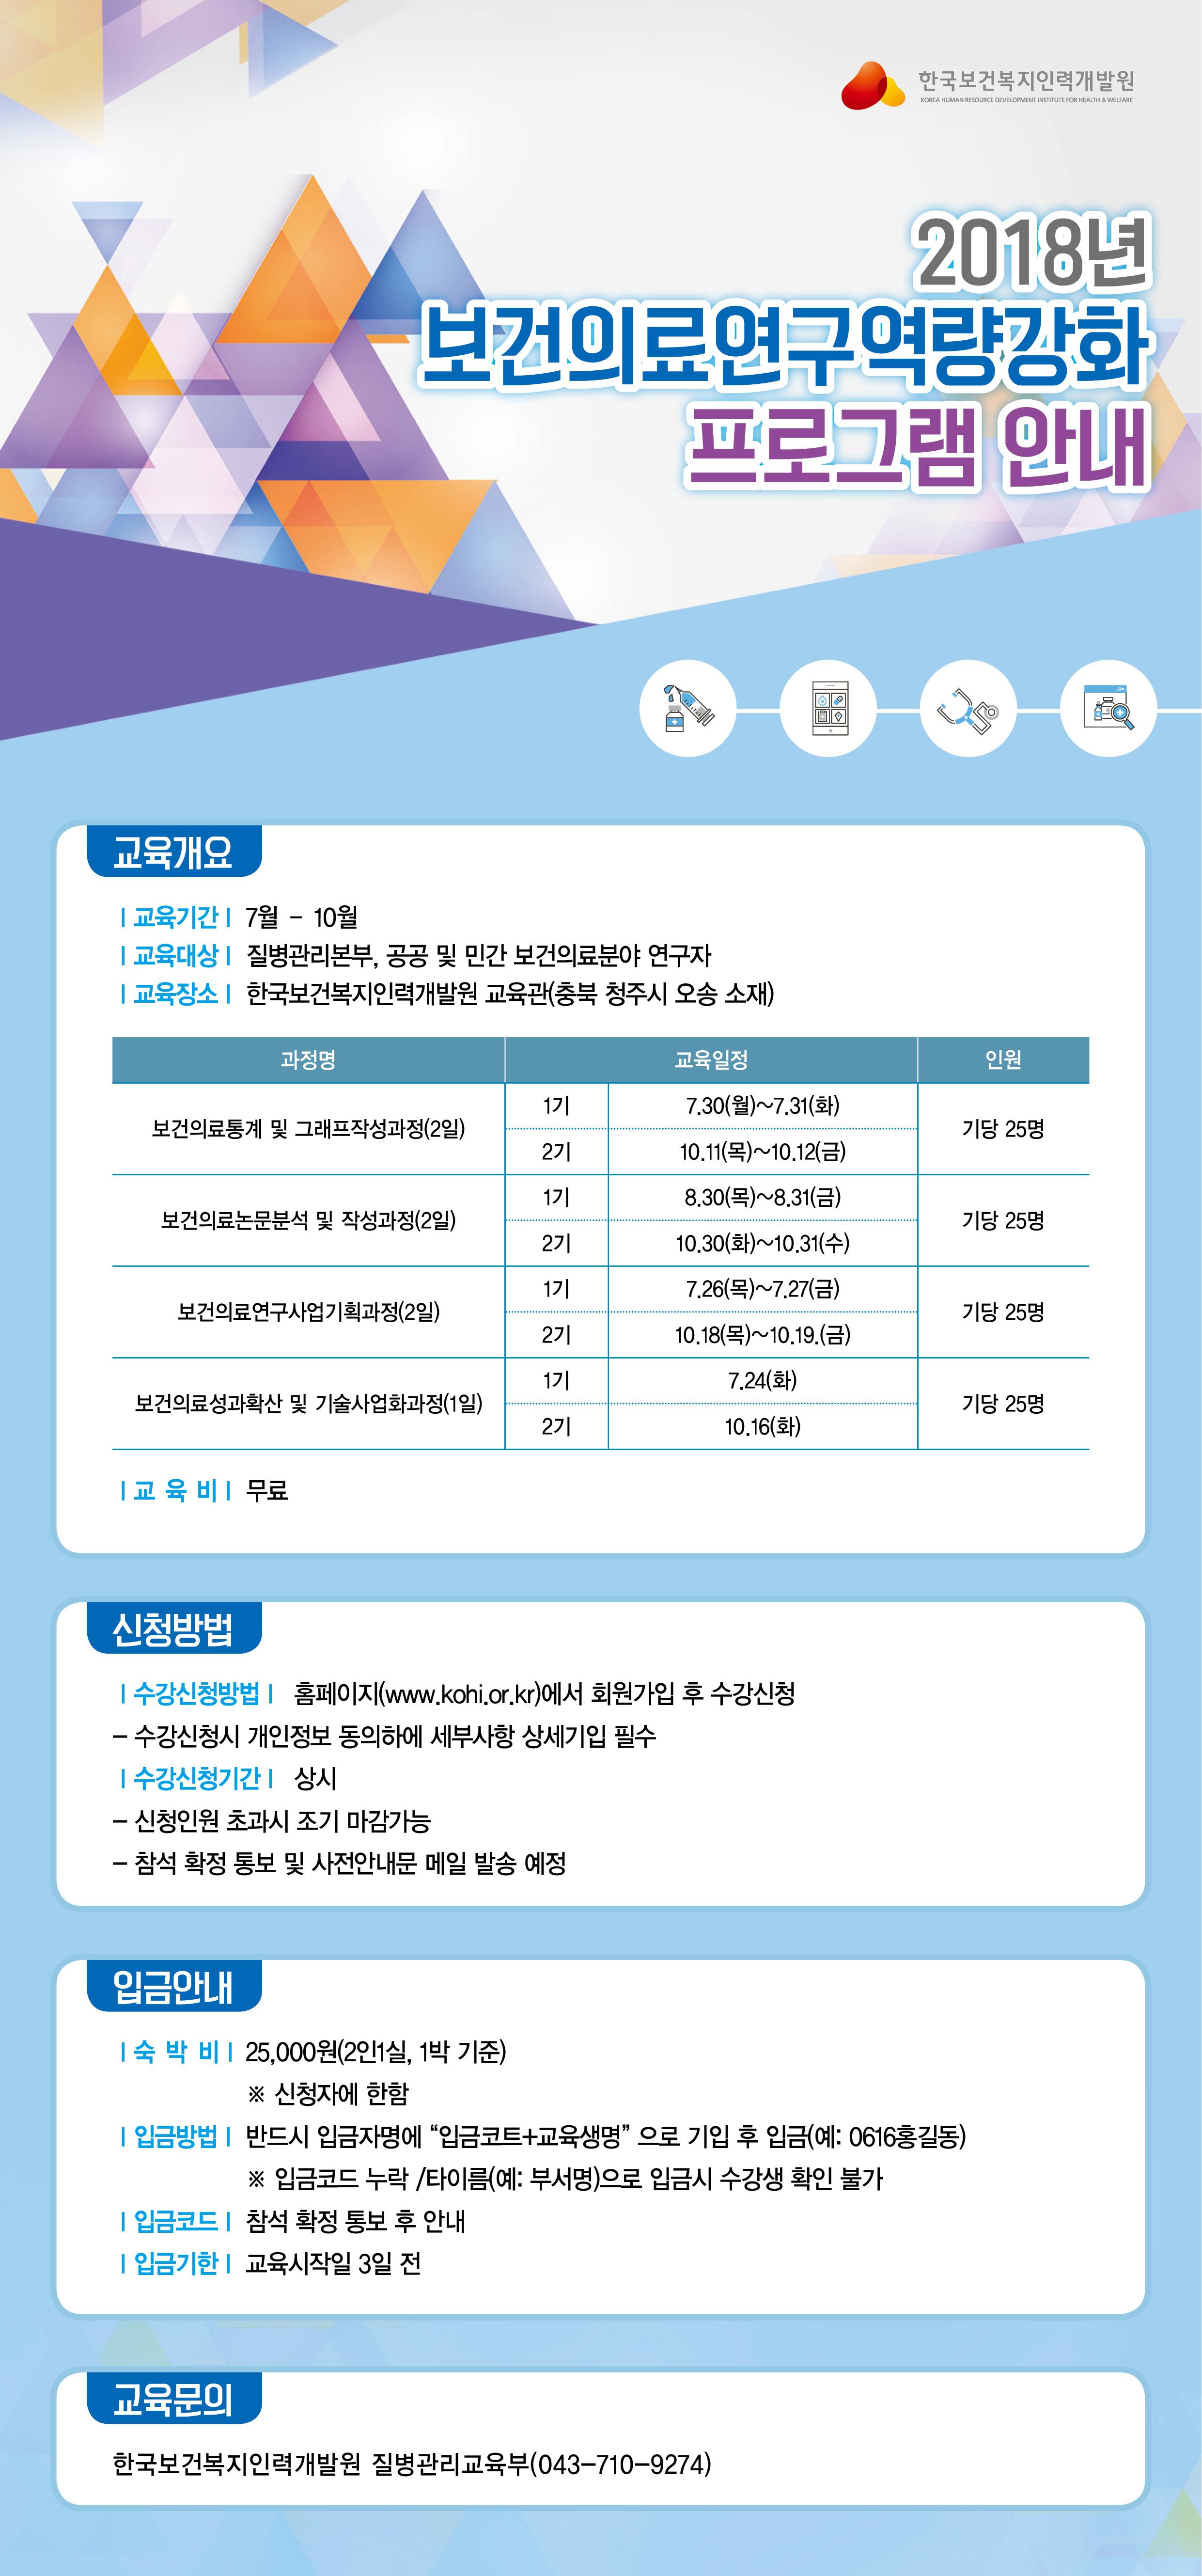 첨부2_보건의료연구역량강화 프로그램 포스터.jpg